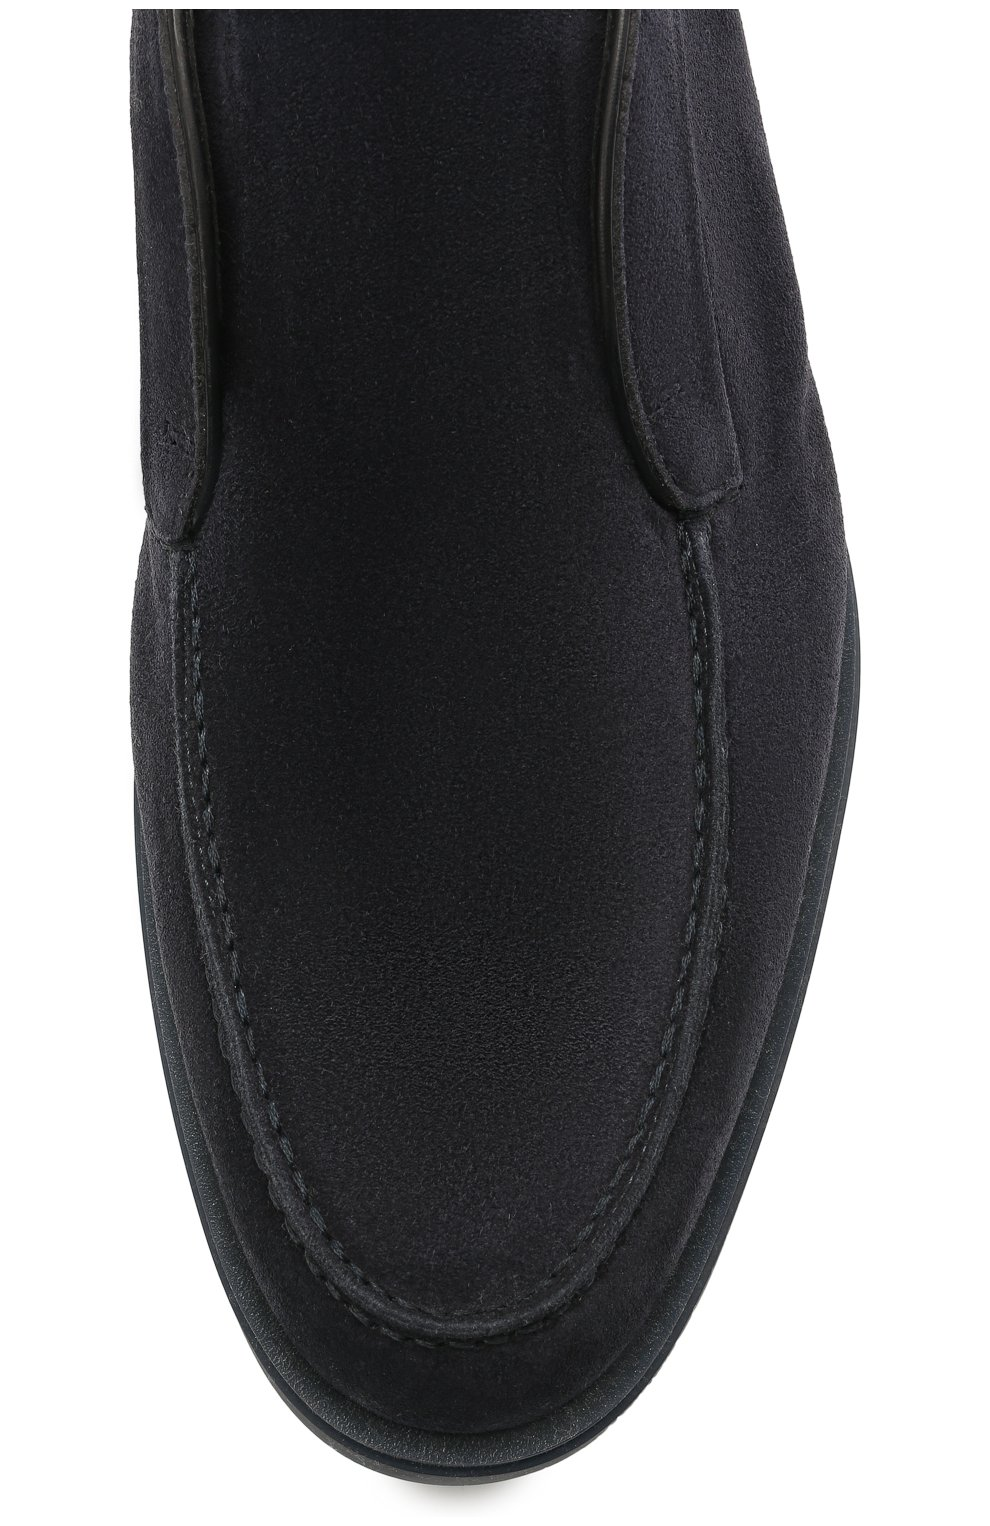 Мужские замшевые ботинки SANTONI темно-синего цвета, арт. MGDG1782300TASVUU60 | Фото 5 (Материал утеплителя: Натуральный мех; Мужское Кросс-КТ: Ботинки-обувь; Подошва: Плоская; Материал внешний: Замша)